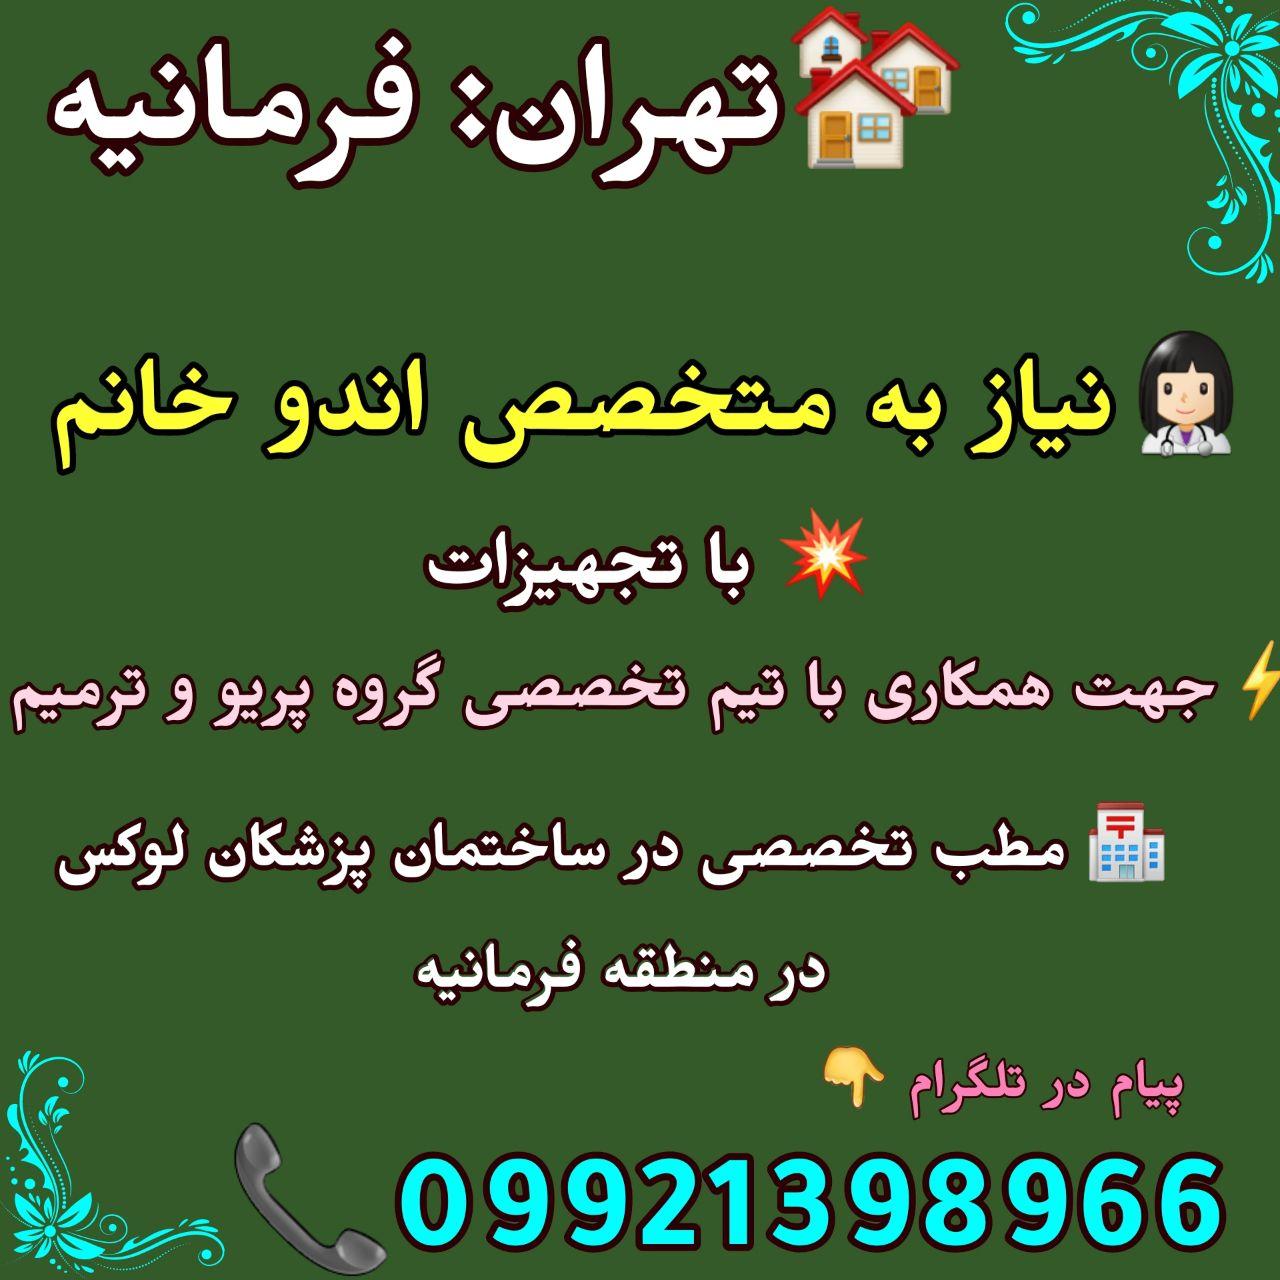 تهران: فرمانیه، نیاز به متخصص اندو خانم